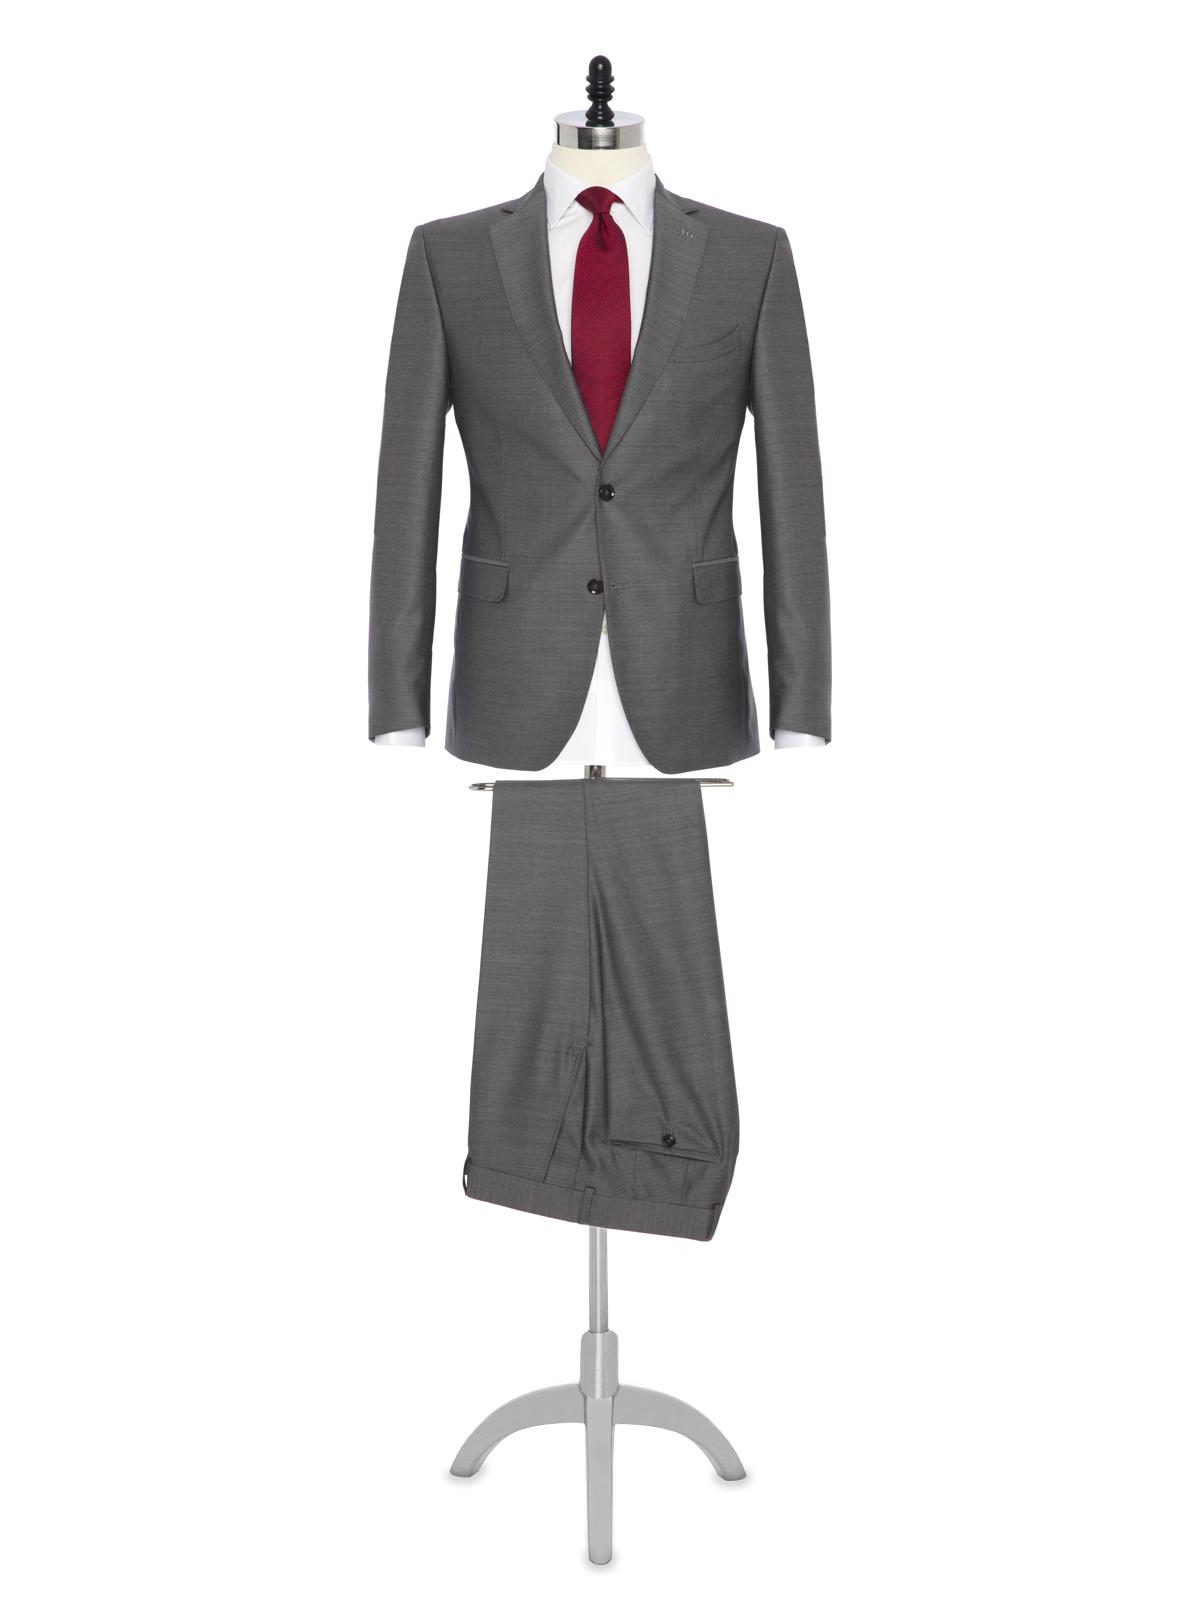 Carl Gross - Carl Gross Gri Yün İpek Takım Elbise